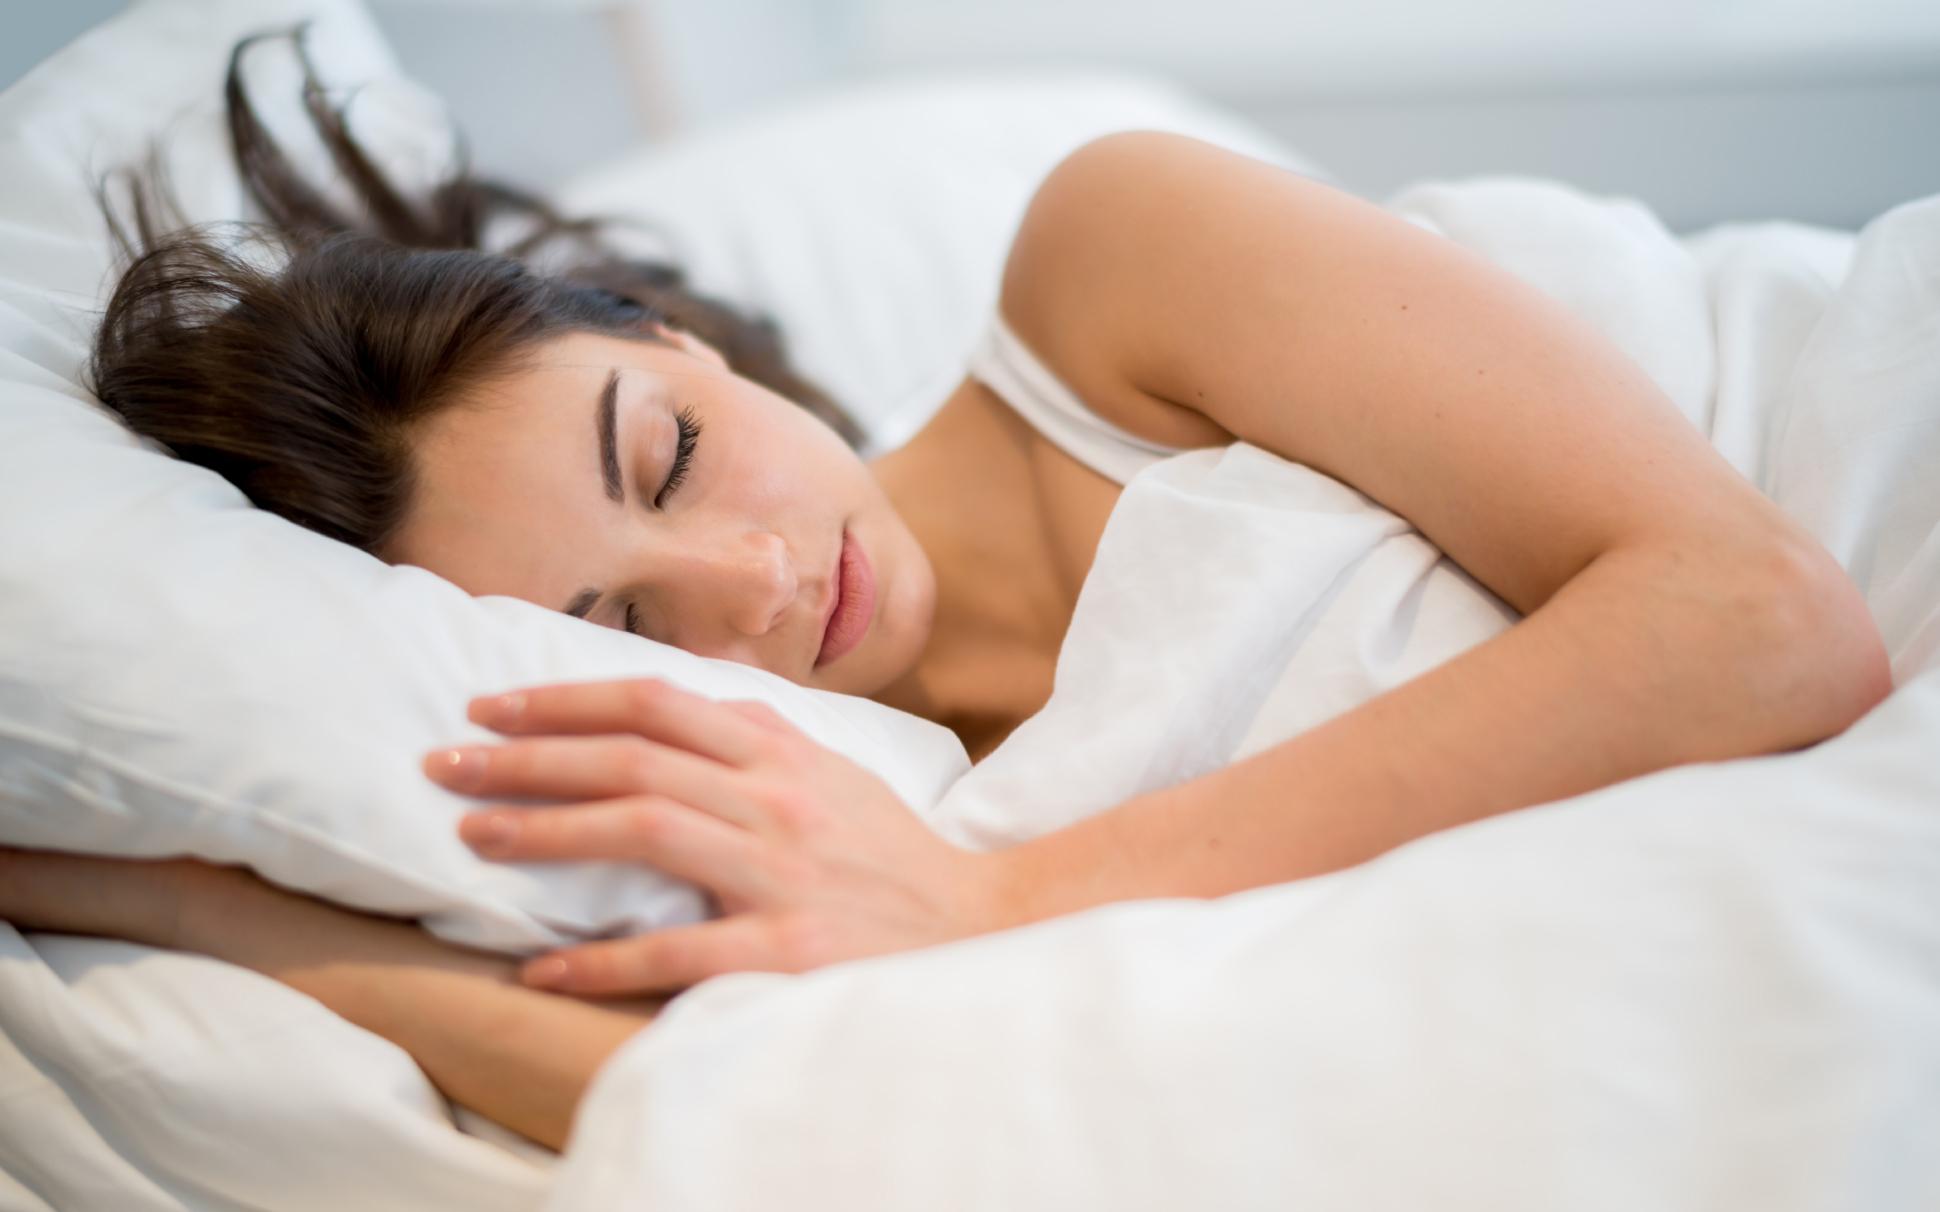 femme endormie : abandon de l'alcool